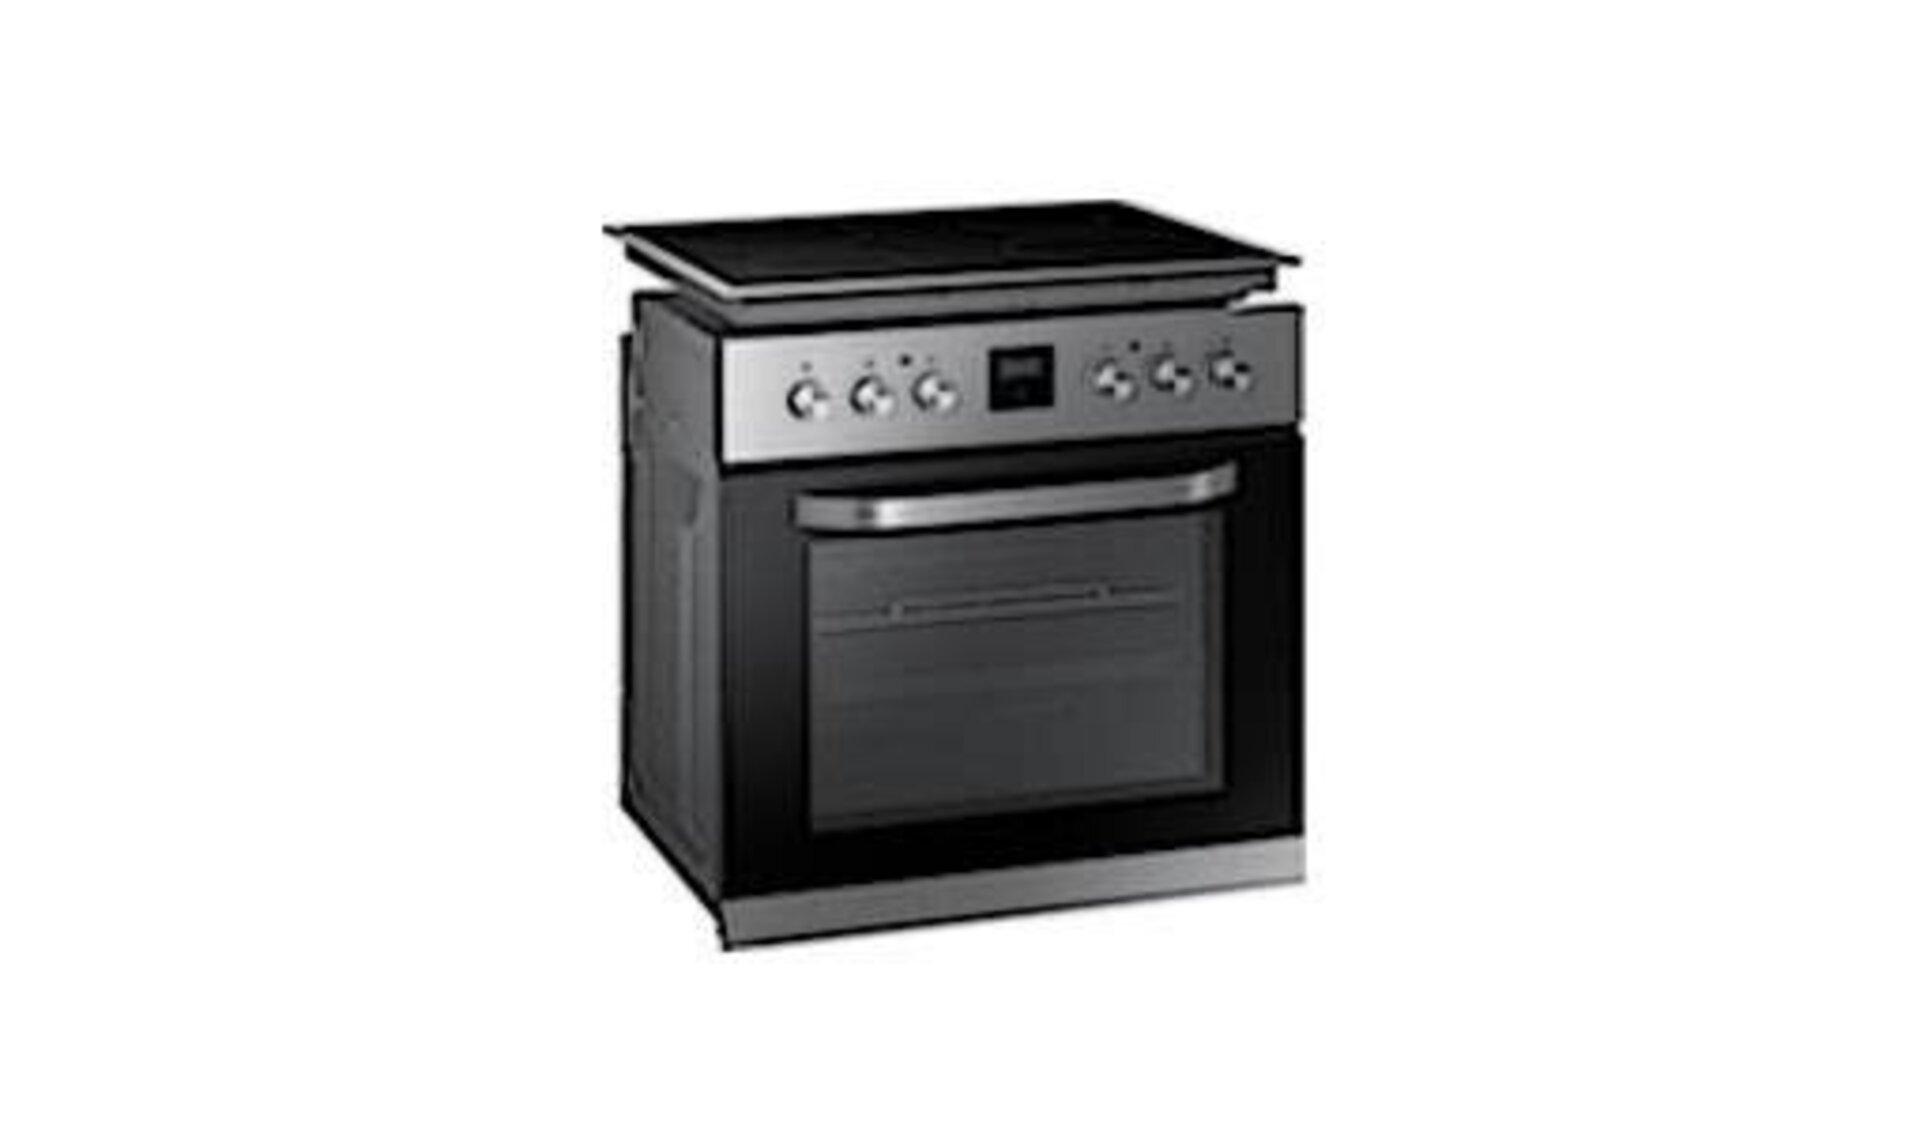 Ein Backofen mit separatem Cerankochfeld steht Sinnbildlich für alle Einbaugeräte, die in eine moderne Küche gehören.